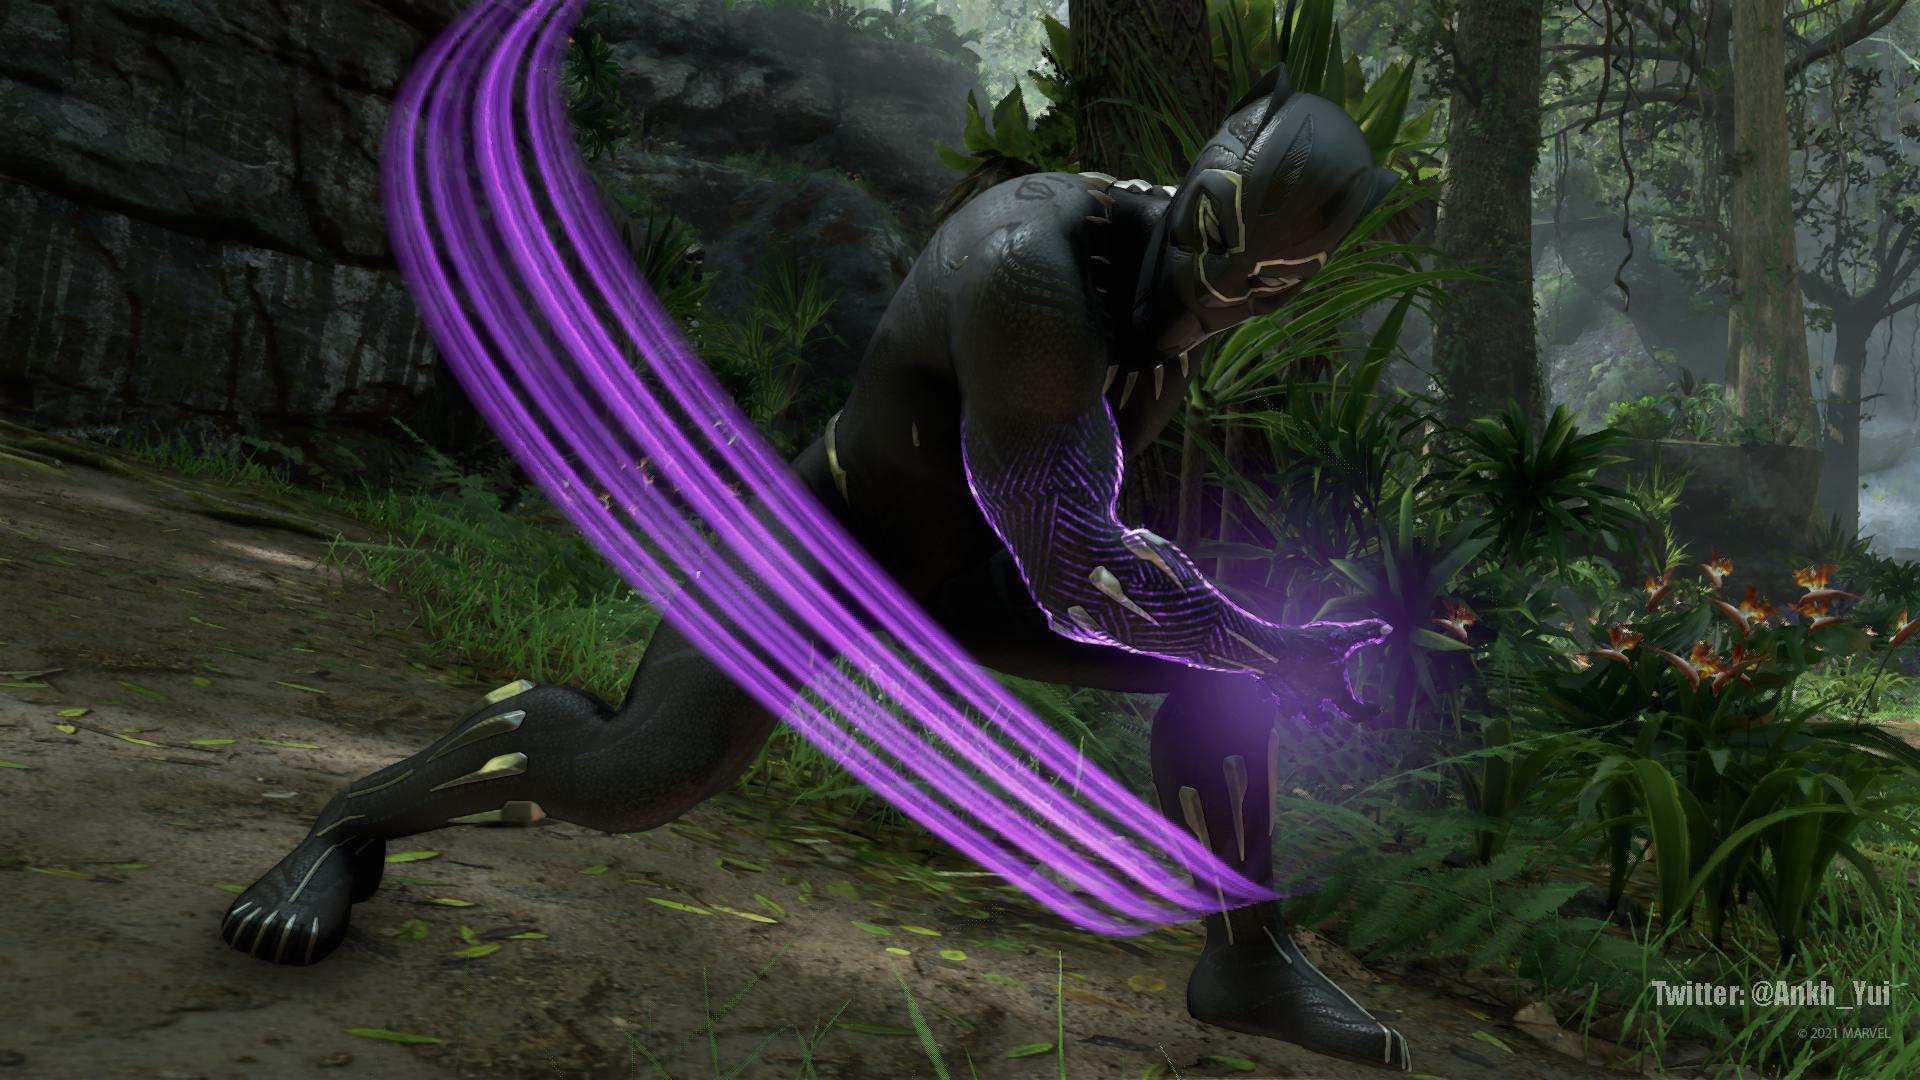 Una captura de pantalla de Black Panther con el atuendo inspirado en el Black Panther del UCM. Black Panther está entre las sombras de la jungla wakandiana. Sus brazos palpitan con energía cinética mientras corta el espacio vacío que tiene delante.